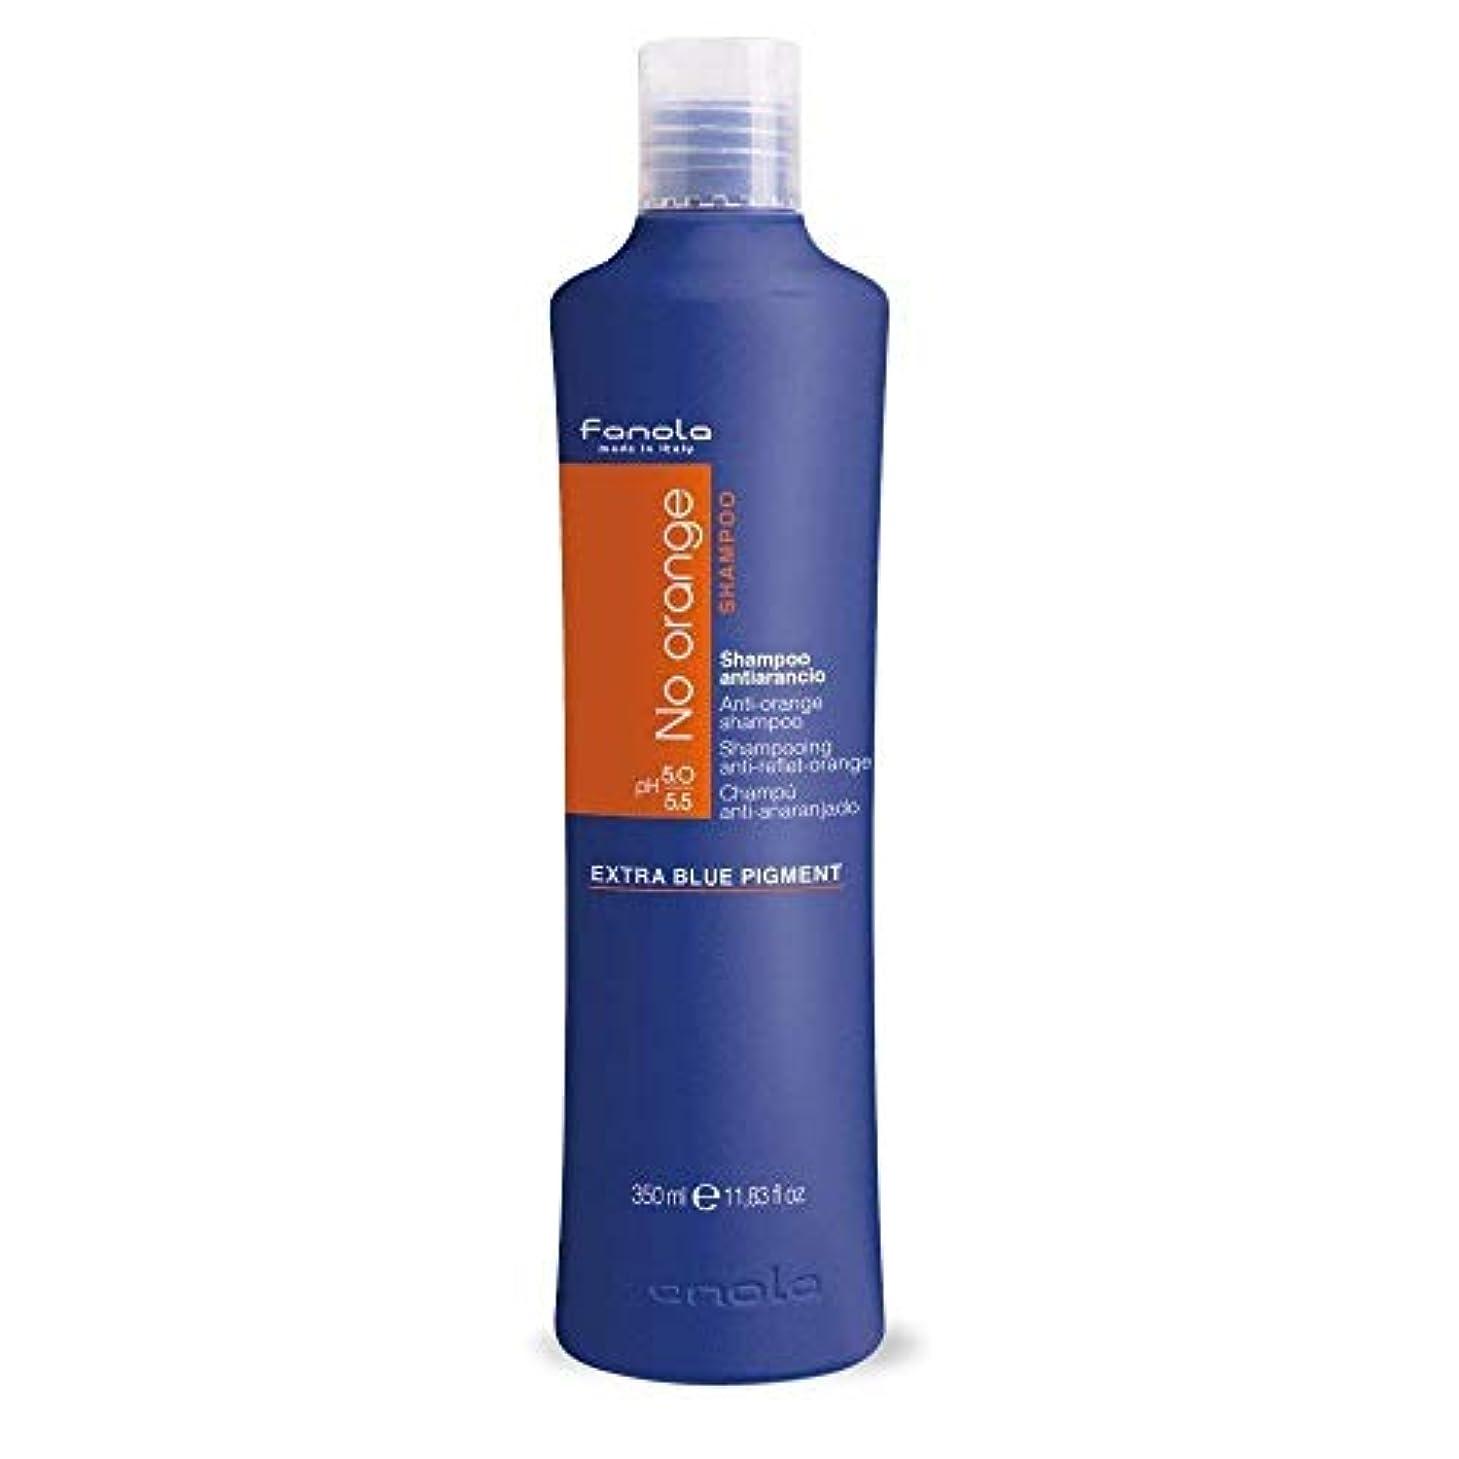 湿原苦しめる不名誉なFanola No Orange Shampoo 350 ml  青カラーシャンプー ノーオレンジ シャンプー 海外直送 [並行輸入品]